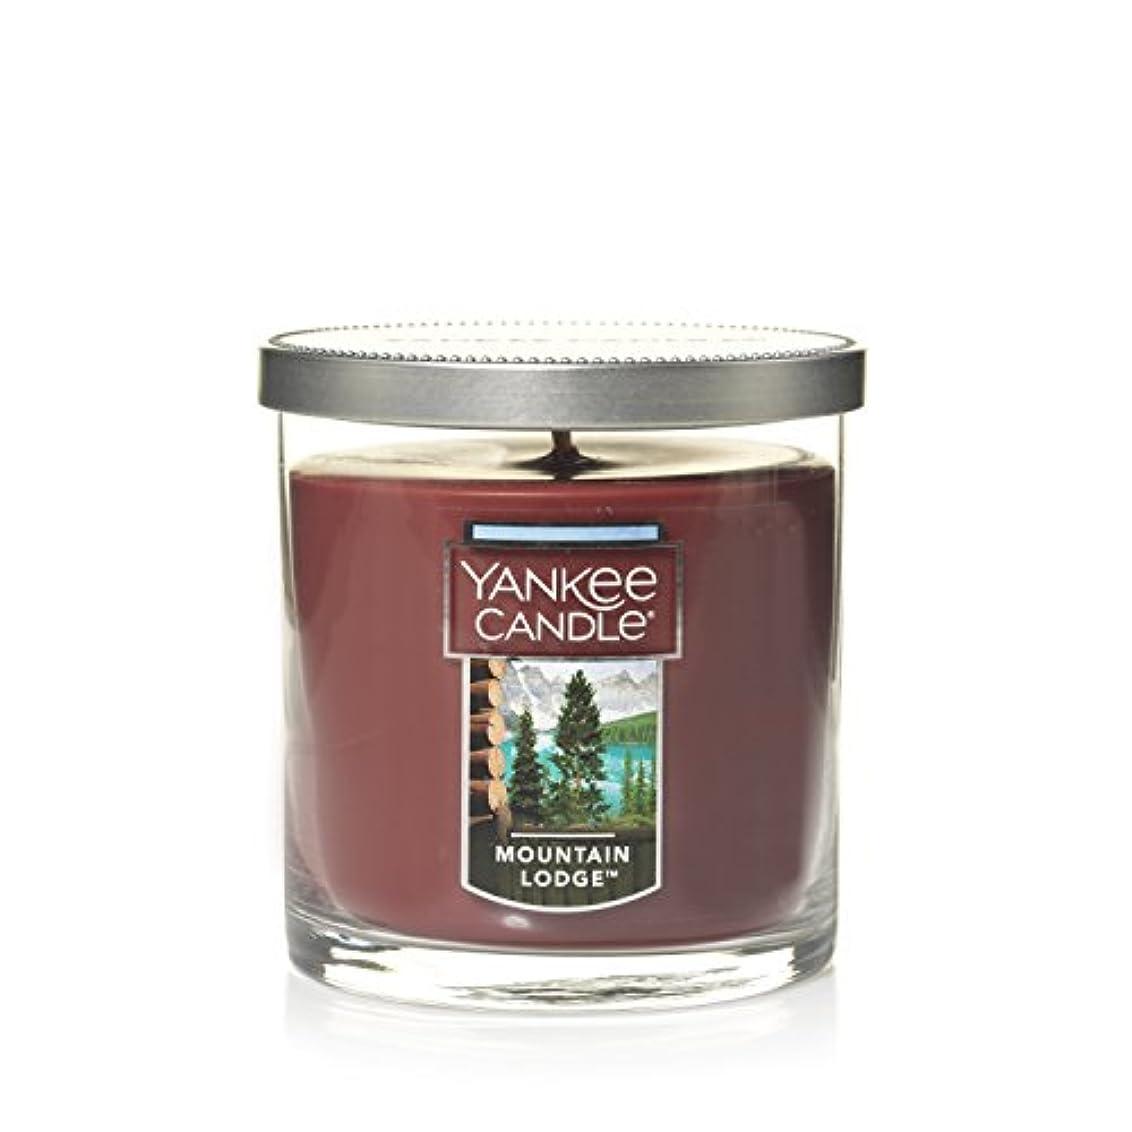 膨張するヤギアカデミックYankee Candle Lサイズ ジャーキャンドル、マウンテンロッジ Small Tumbler Candle ブラウン 1187963Z